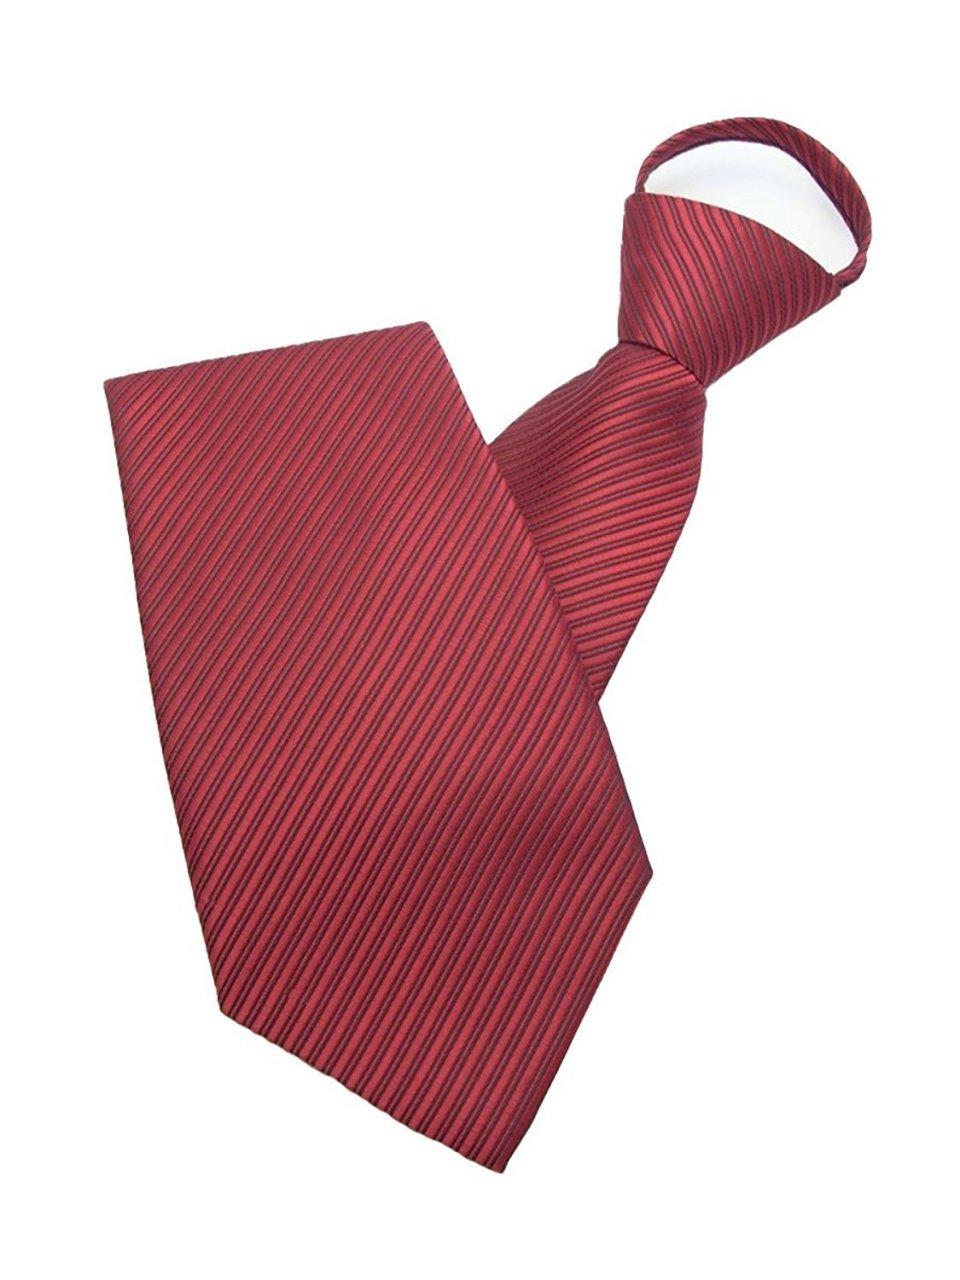 ネクタイがパフォーマンス向上に貢献!シーンで使い分ける正しいネクタイの色選び 4番目の画像